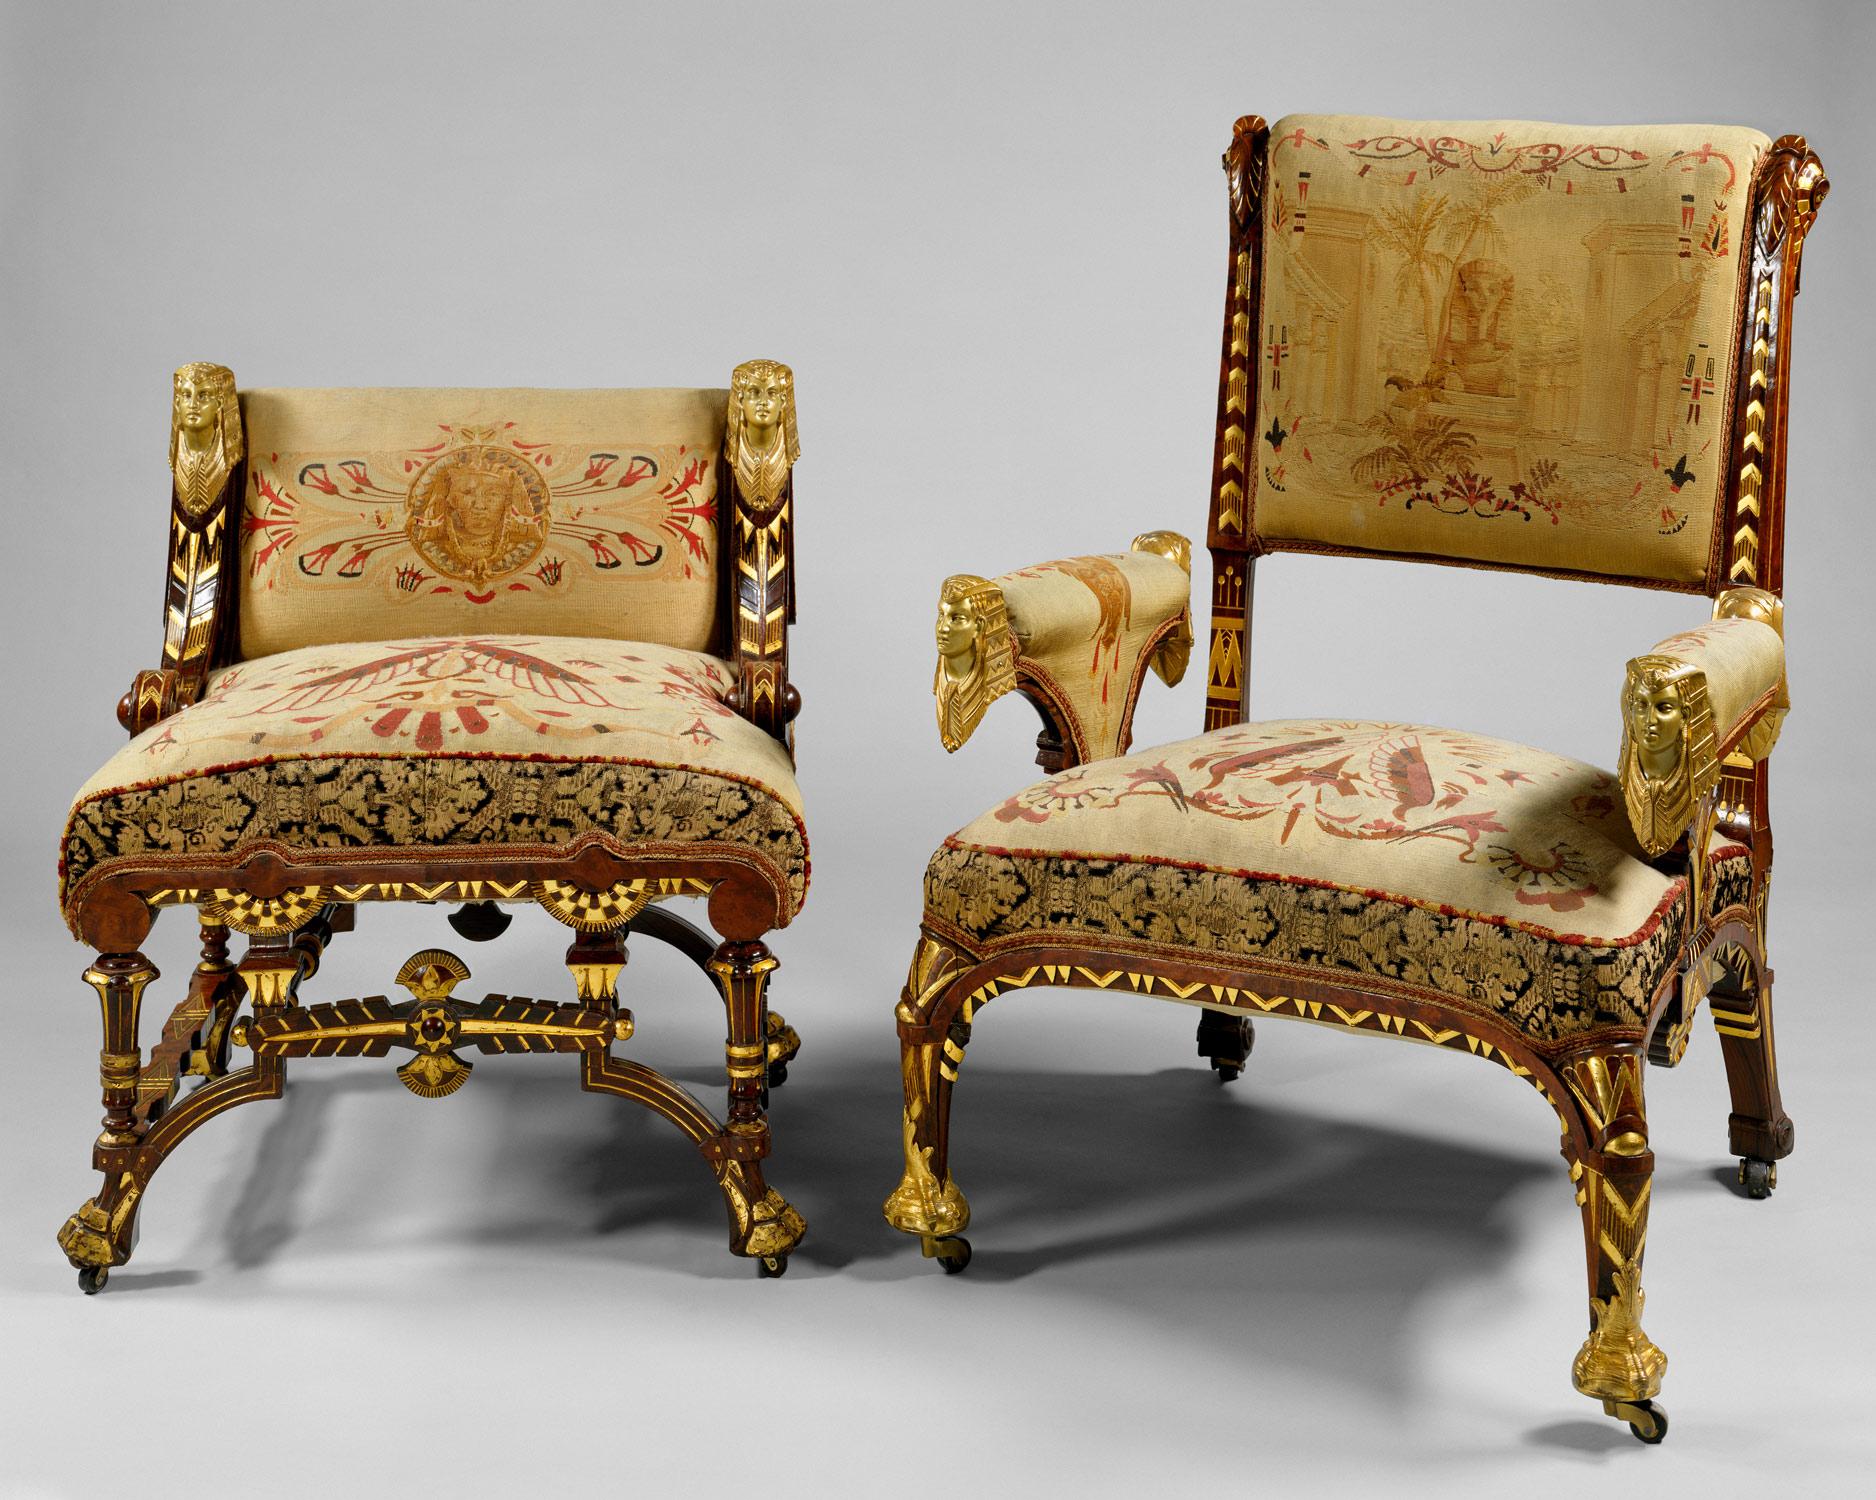 Furniture Design History Timeline